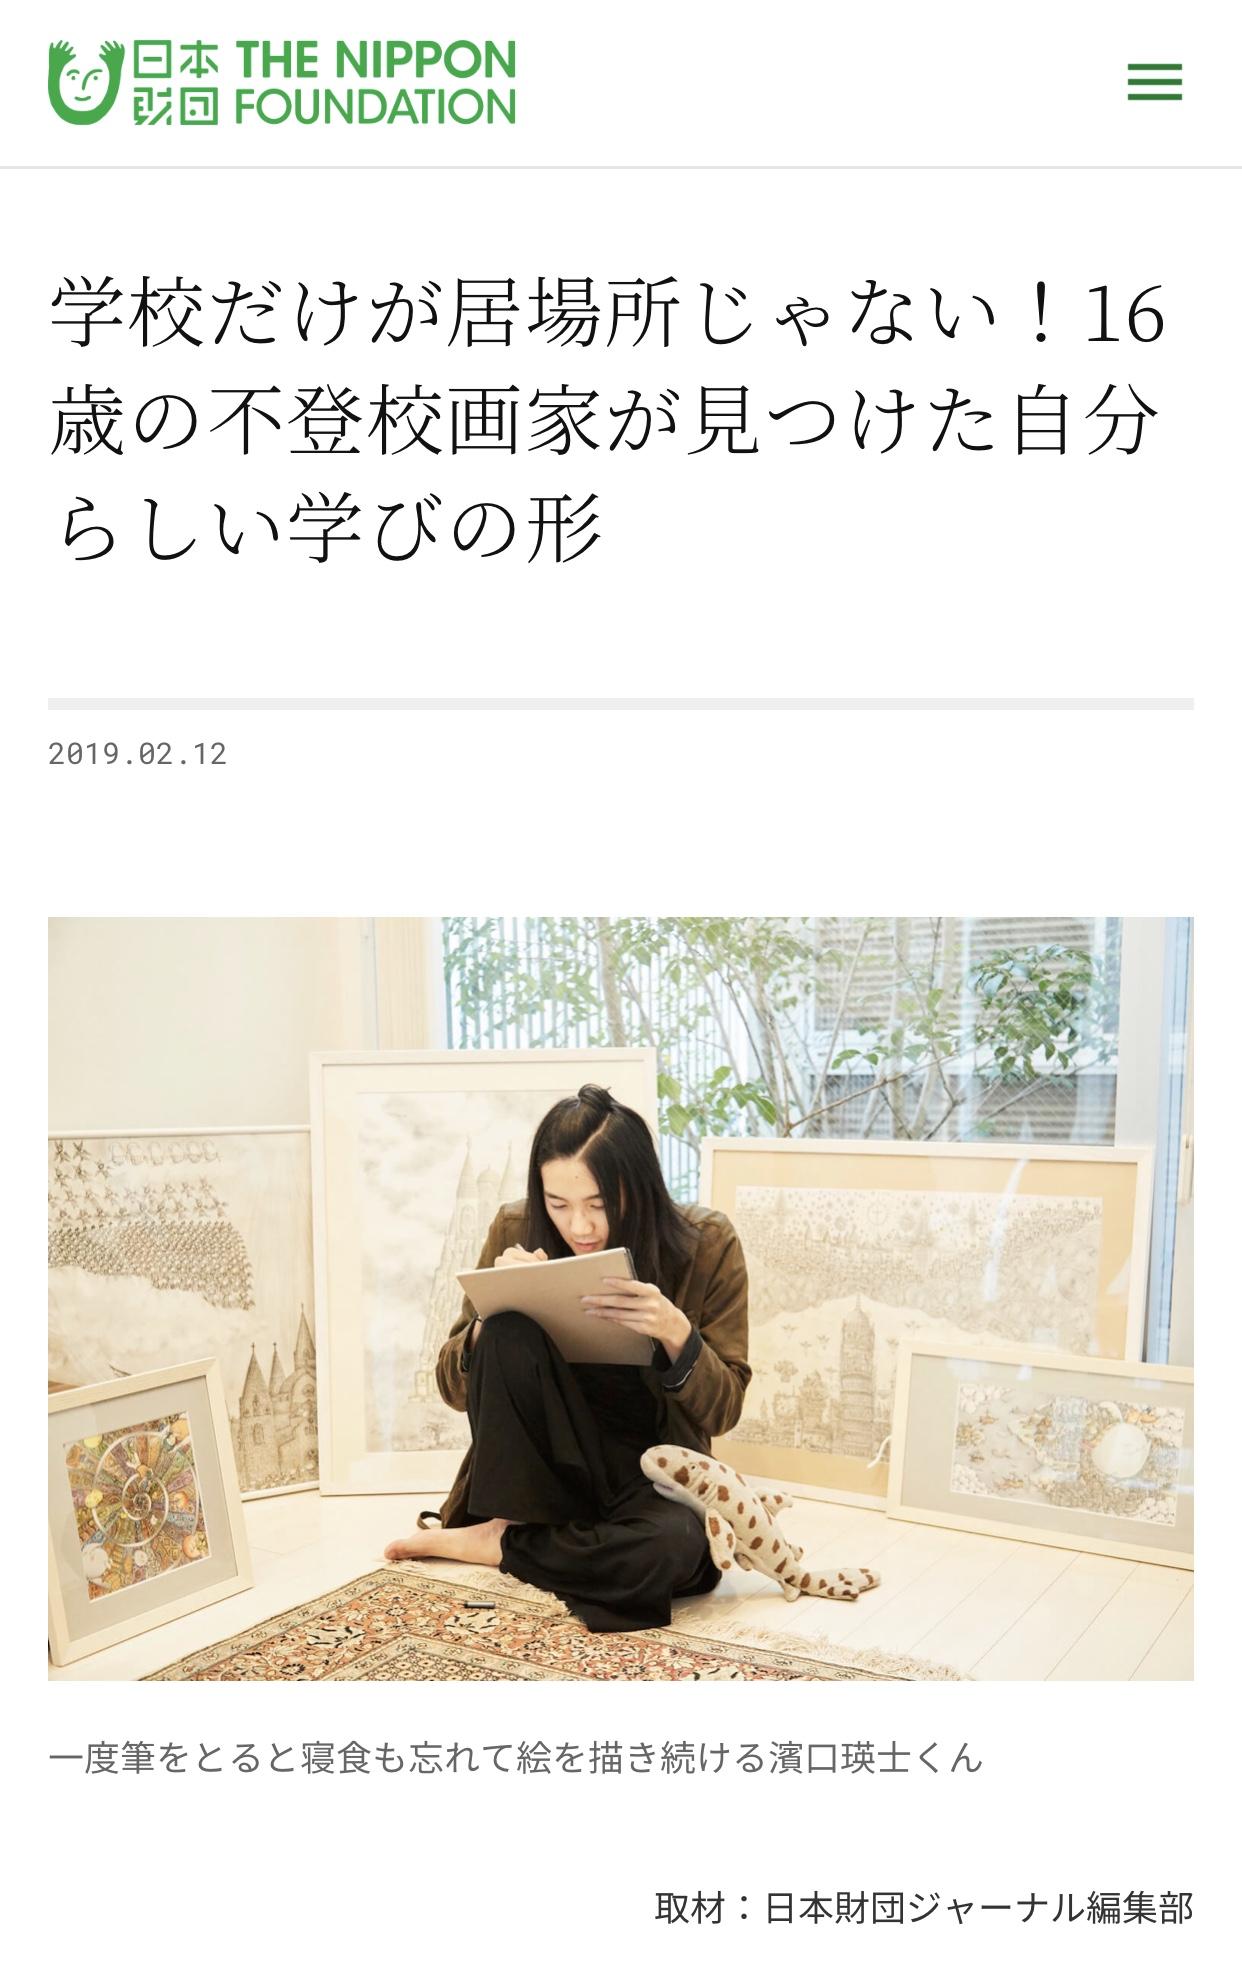 日本財団ジャーナル記事掲載のお知らせ